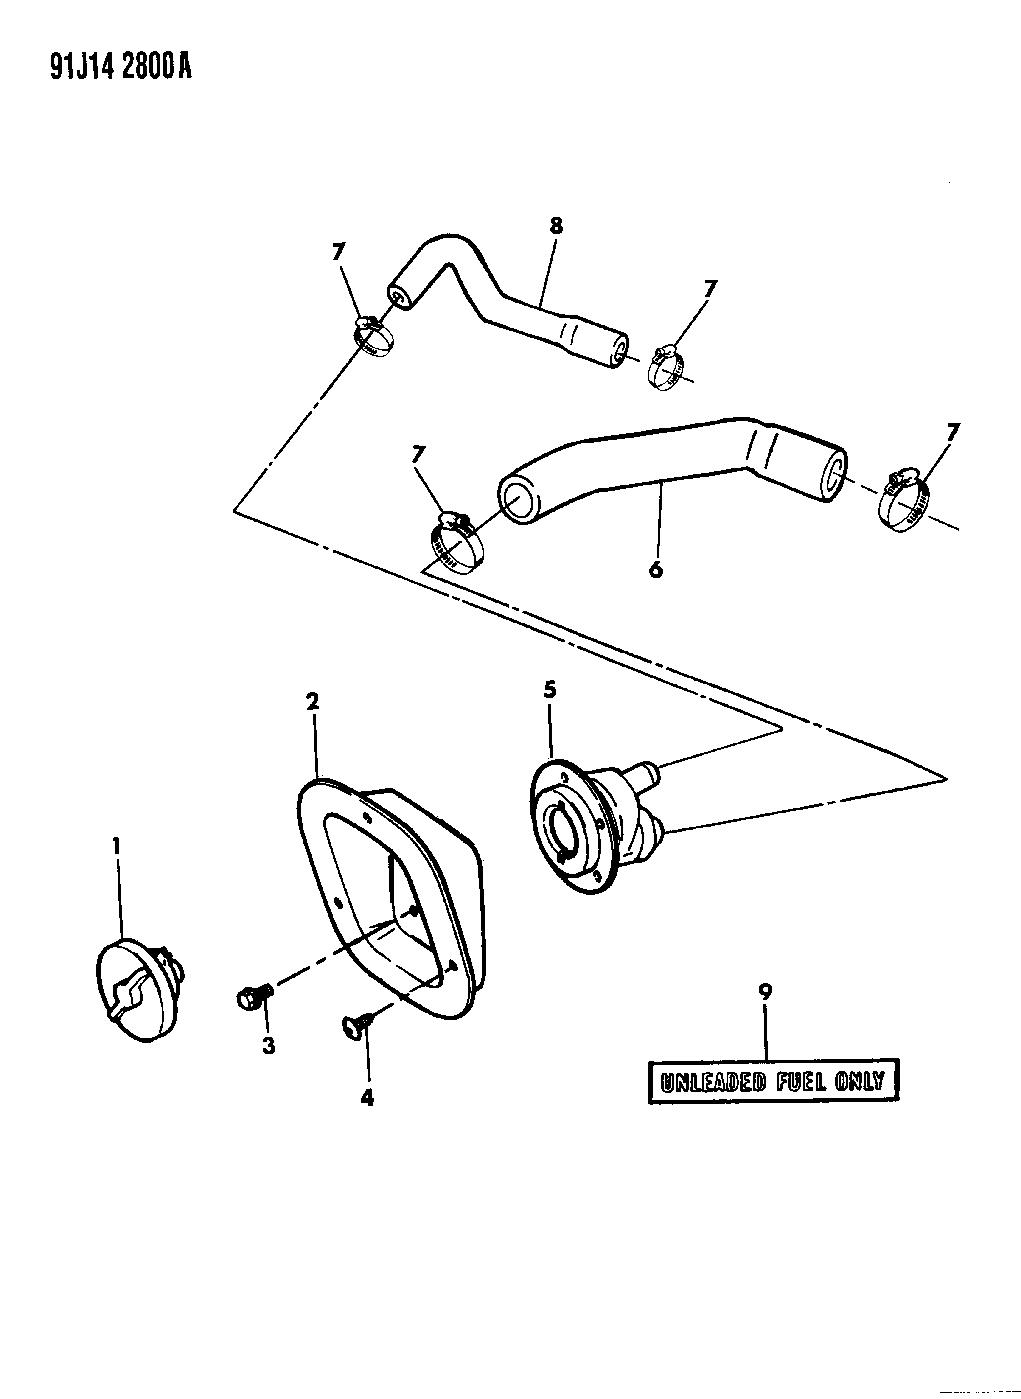 1991 jeep wrangler fuel tank filler tube